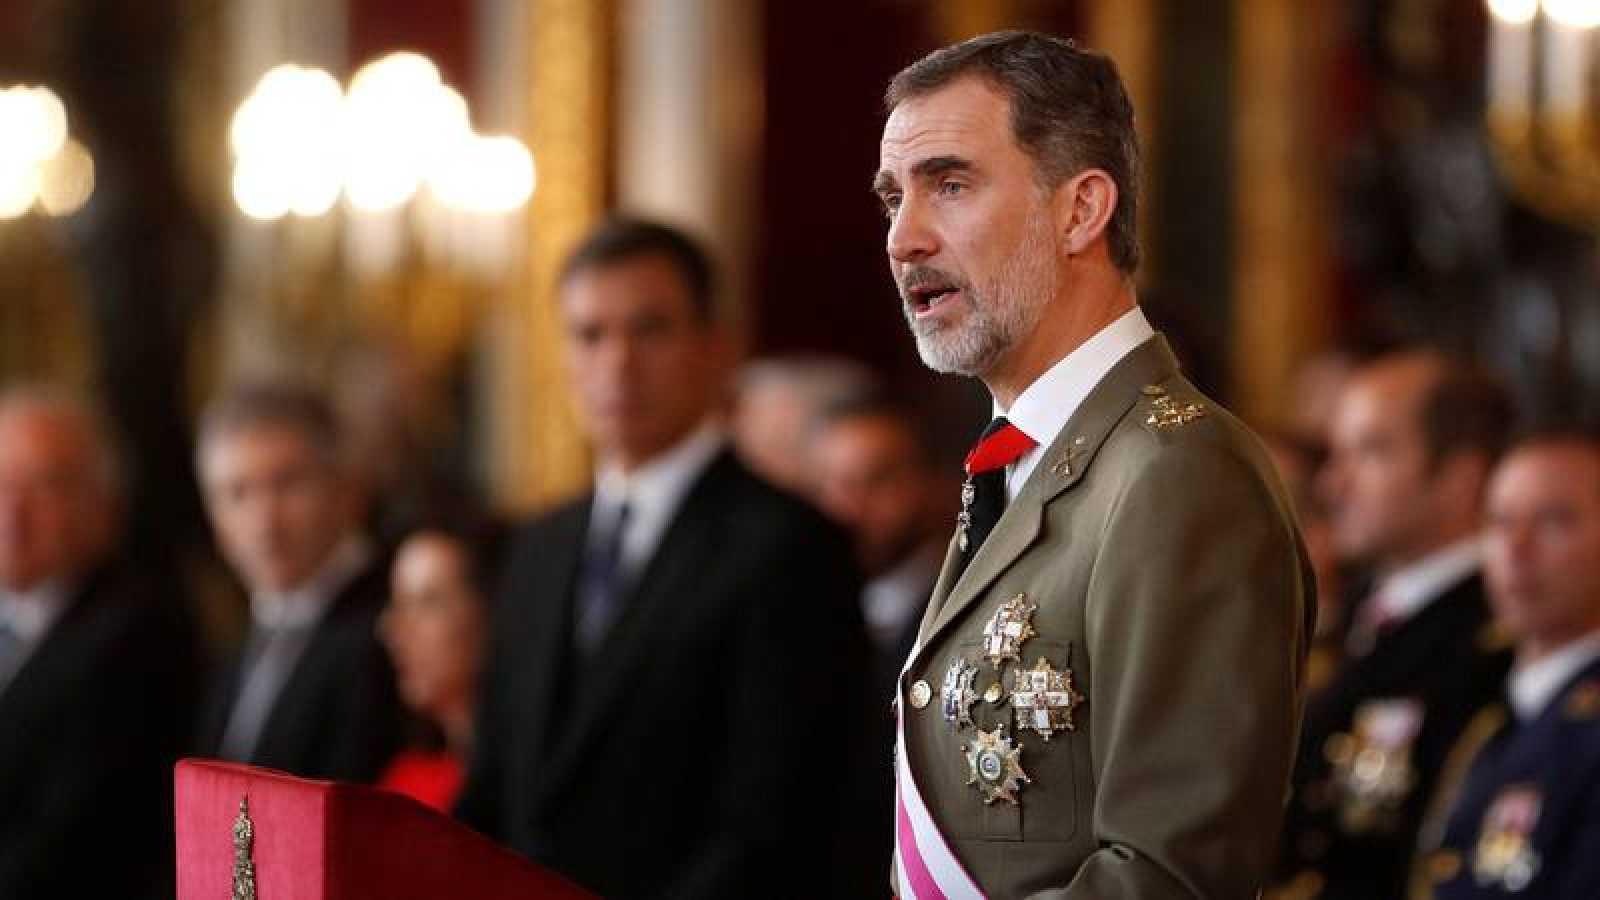 """El rey subraya la """"plena legitimidad"""" e """"independecia del Poder Judicial llama a respetar sus resoluciones"""